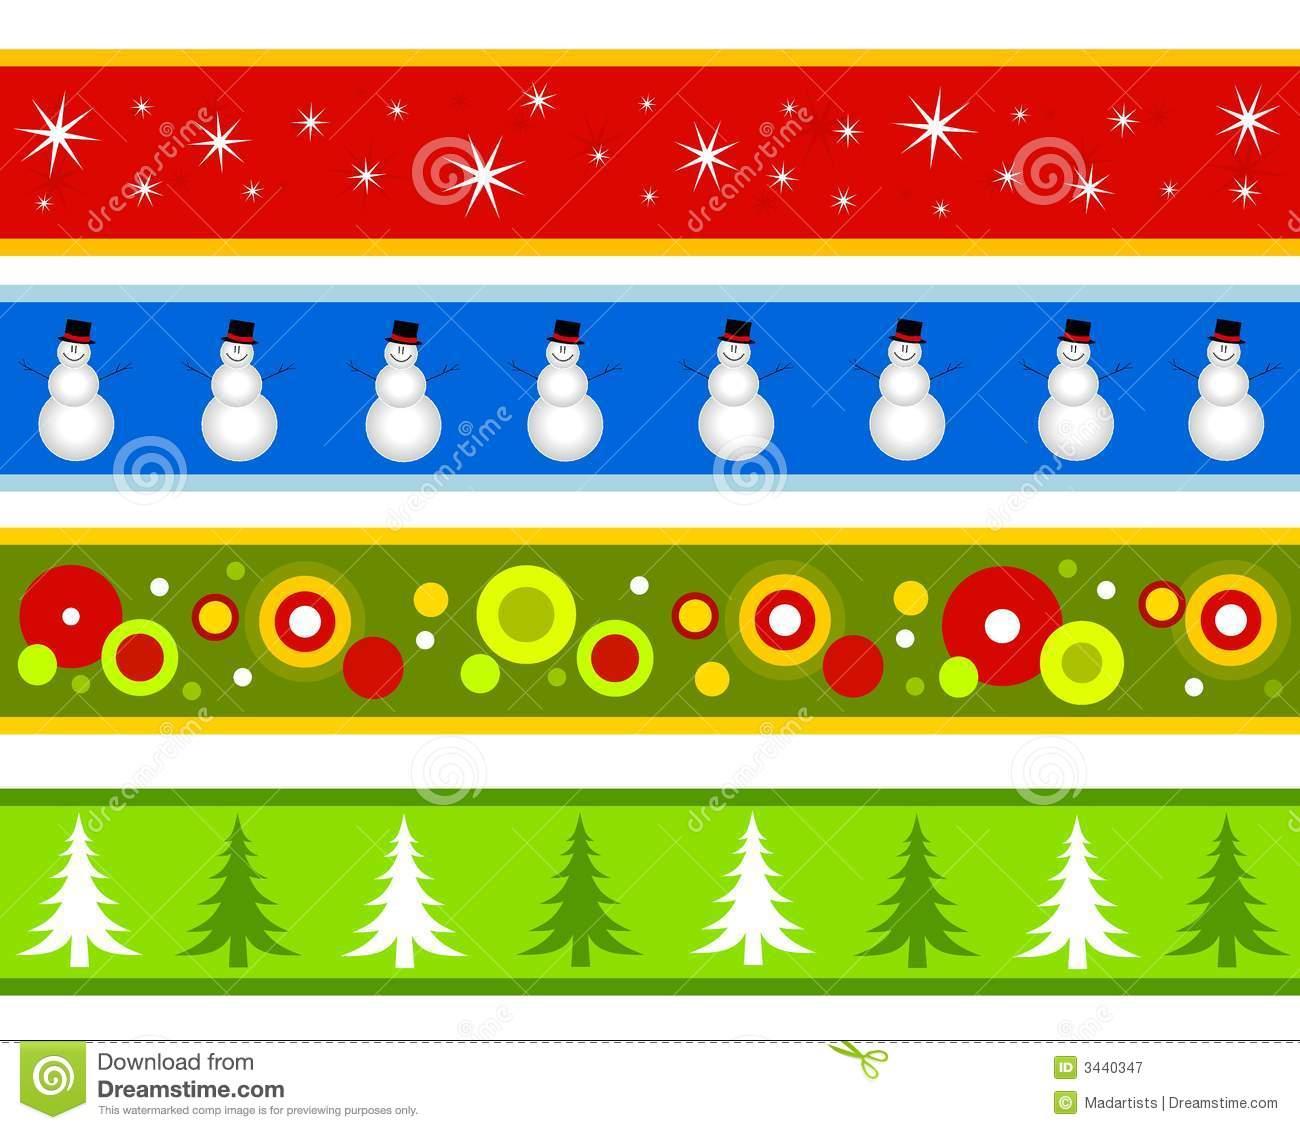 Christmas Borders Or Banners .-Christmas Borders or Banners .-3